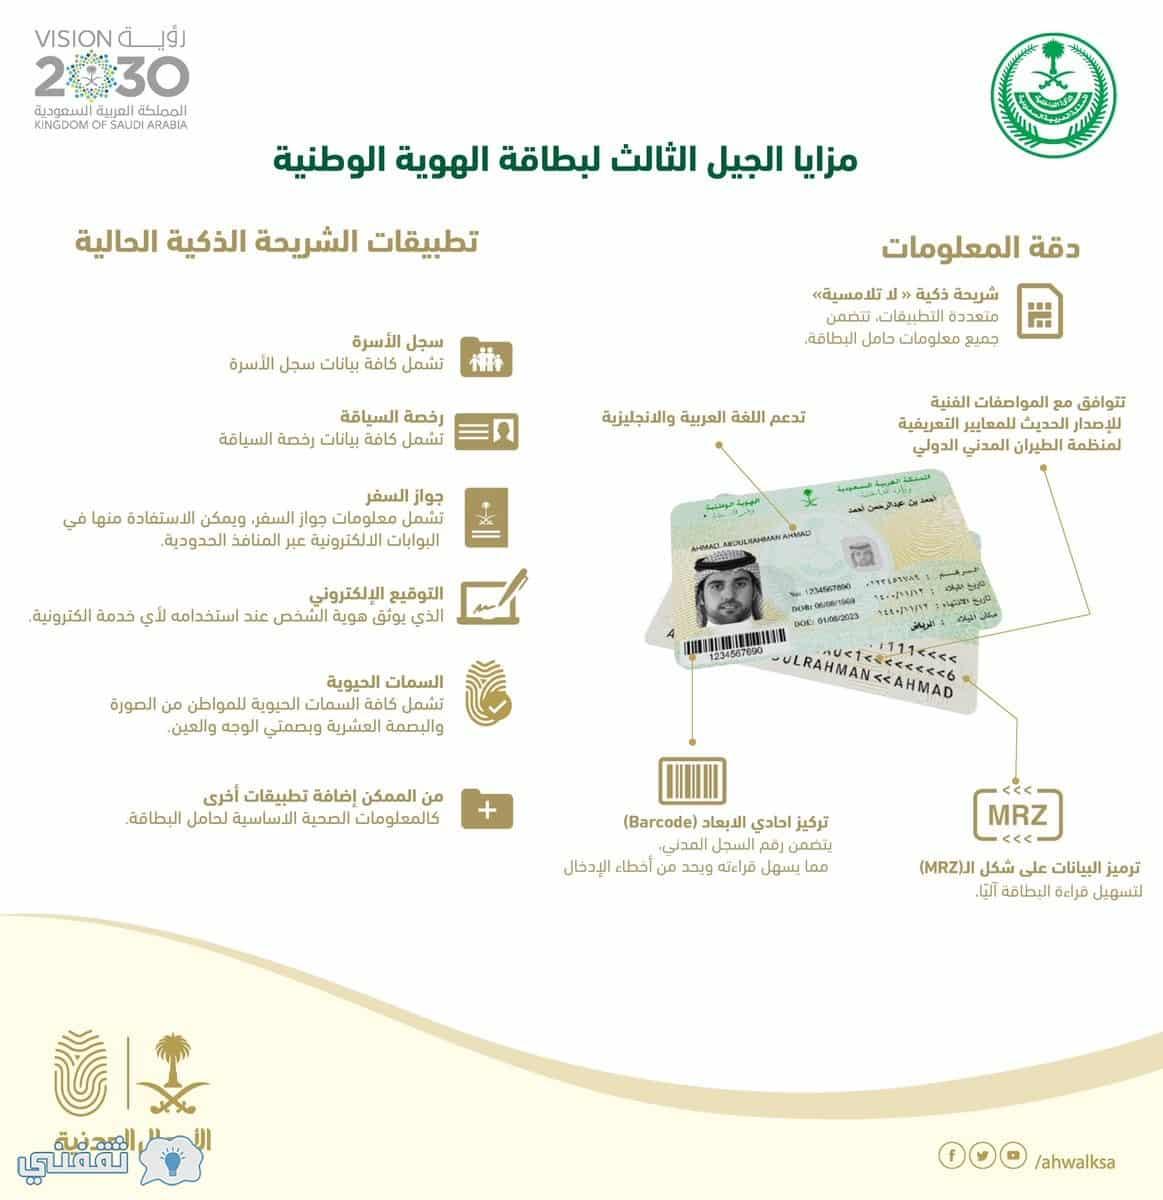 بطاقة الهوية الوطنية الجيل الثالث